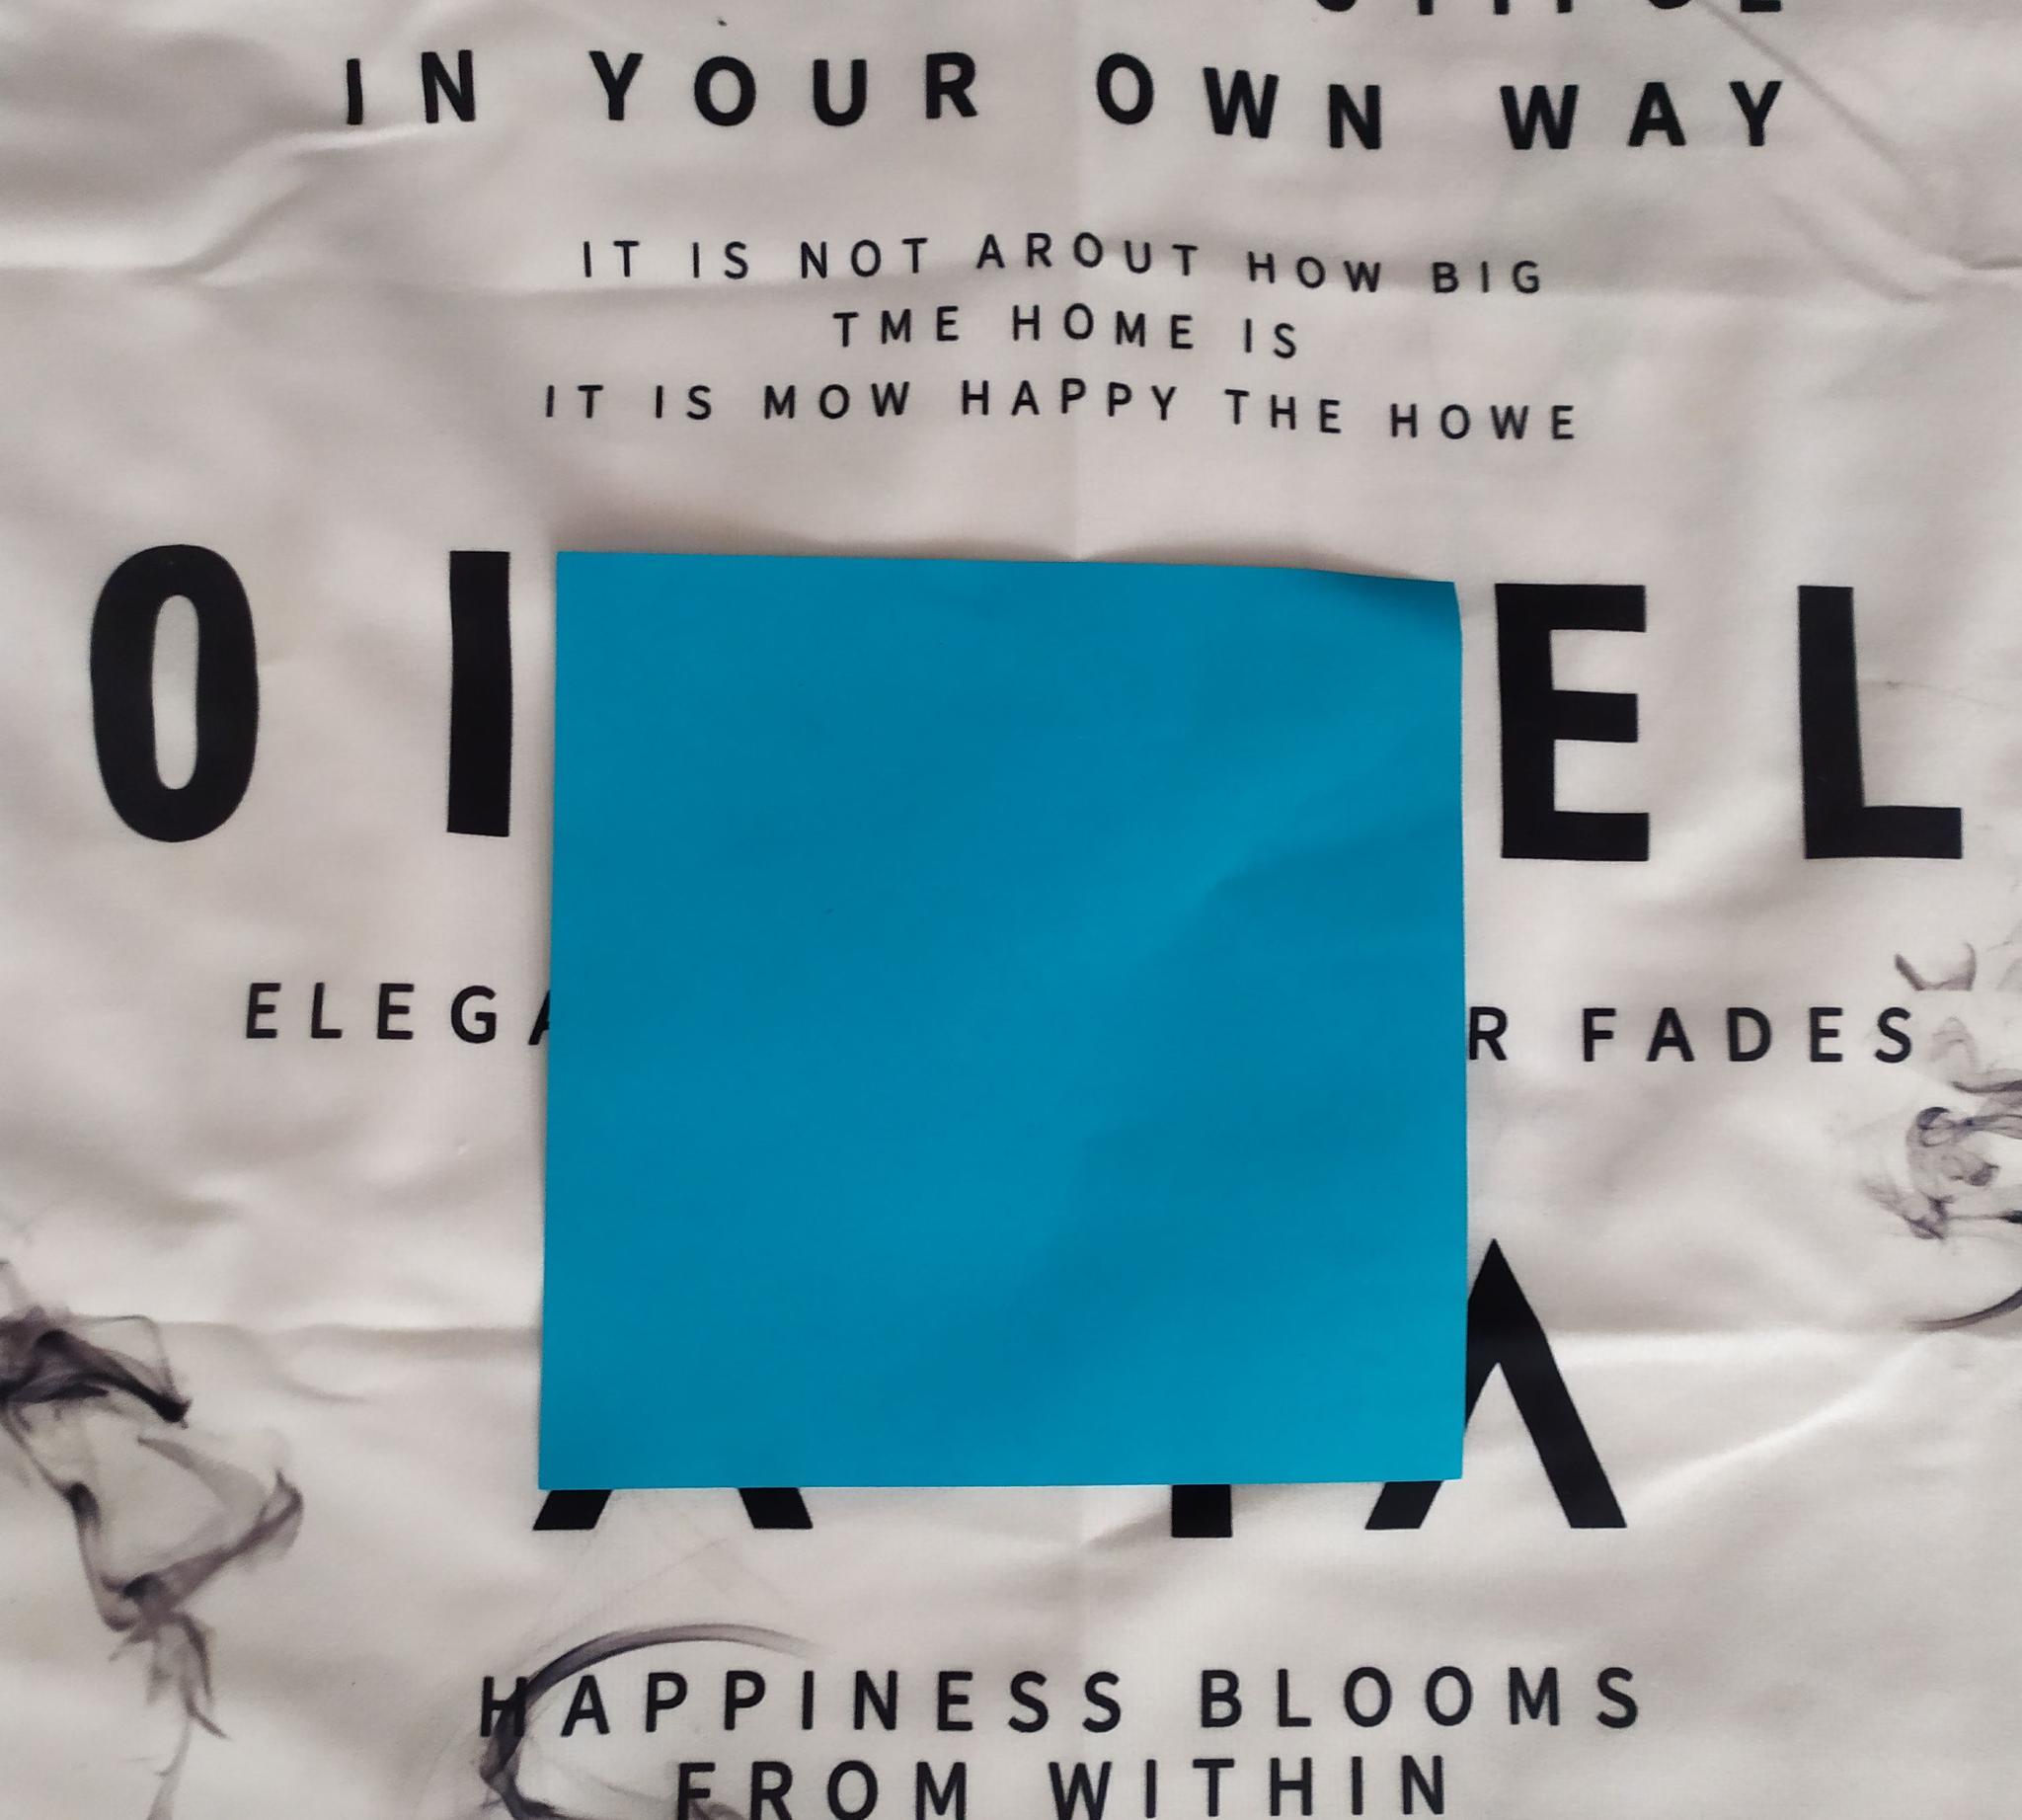 利哥折纸:花样折纸,短衬衫类别的折纸方式